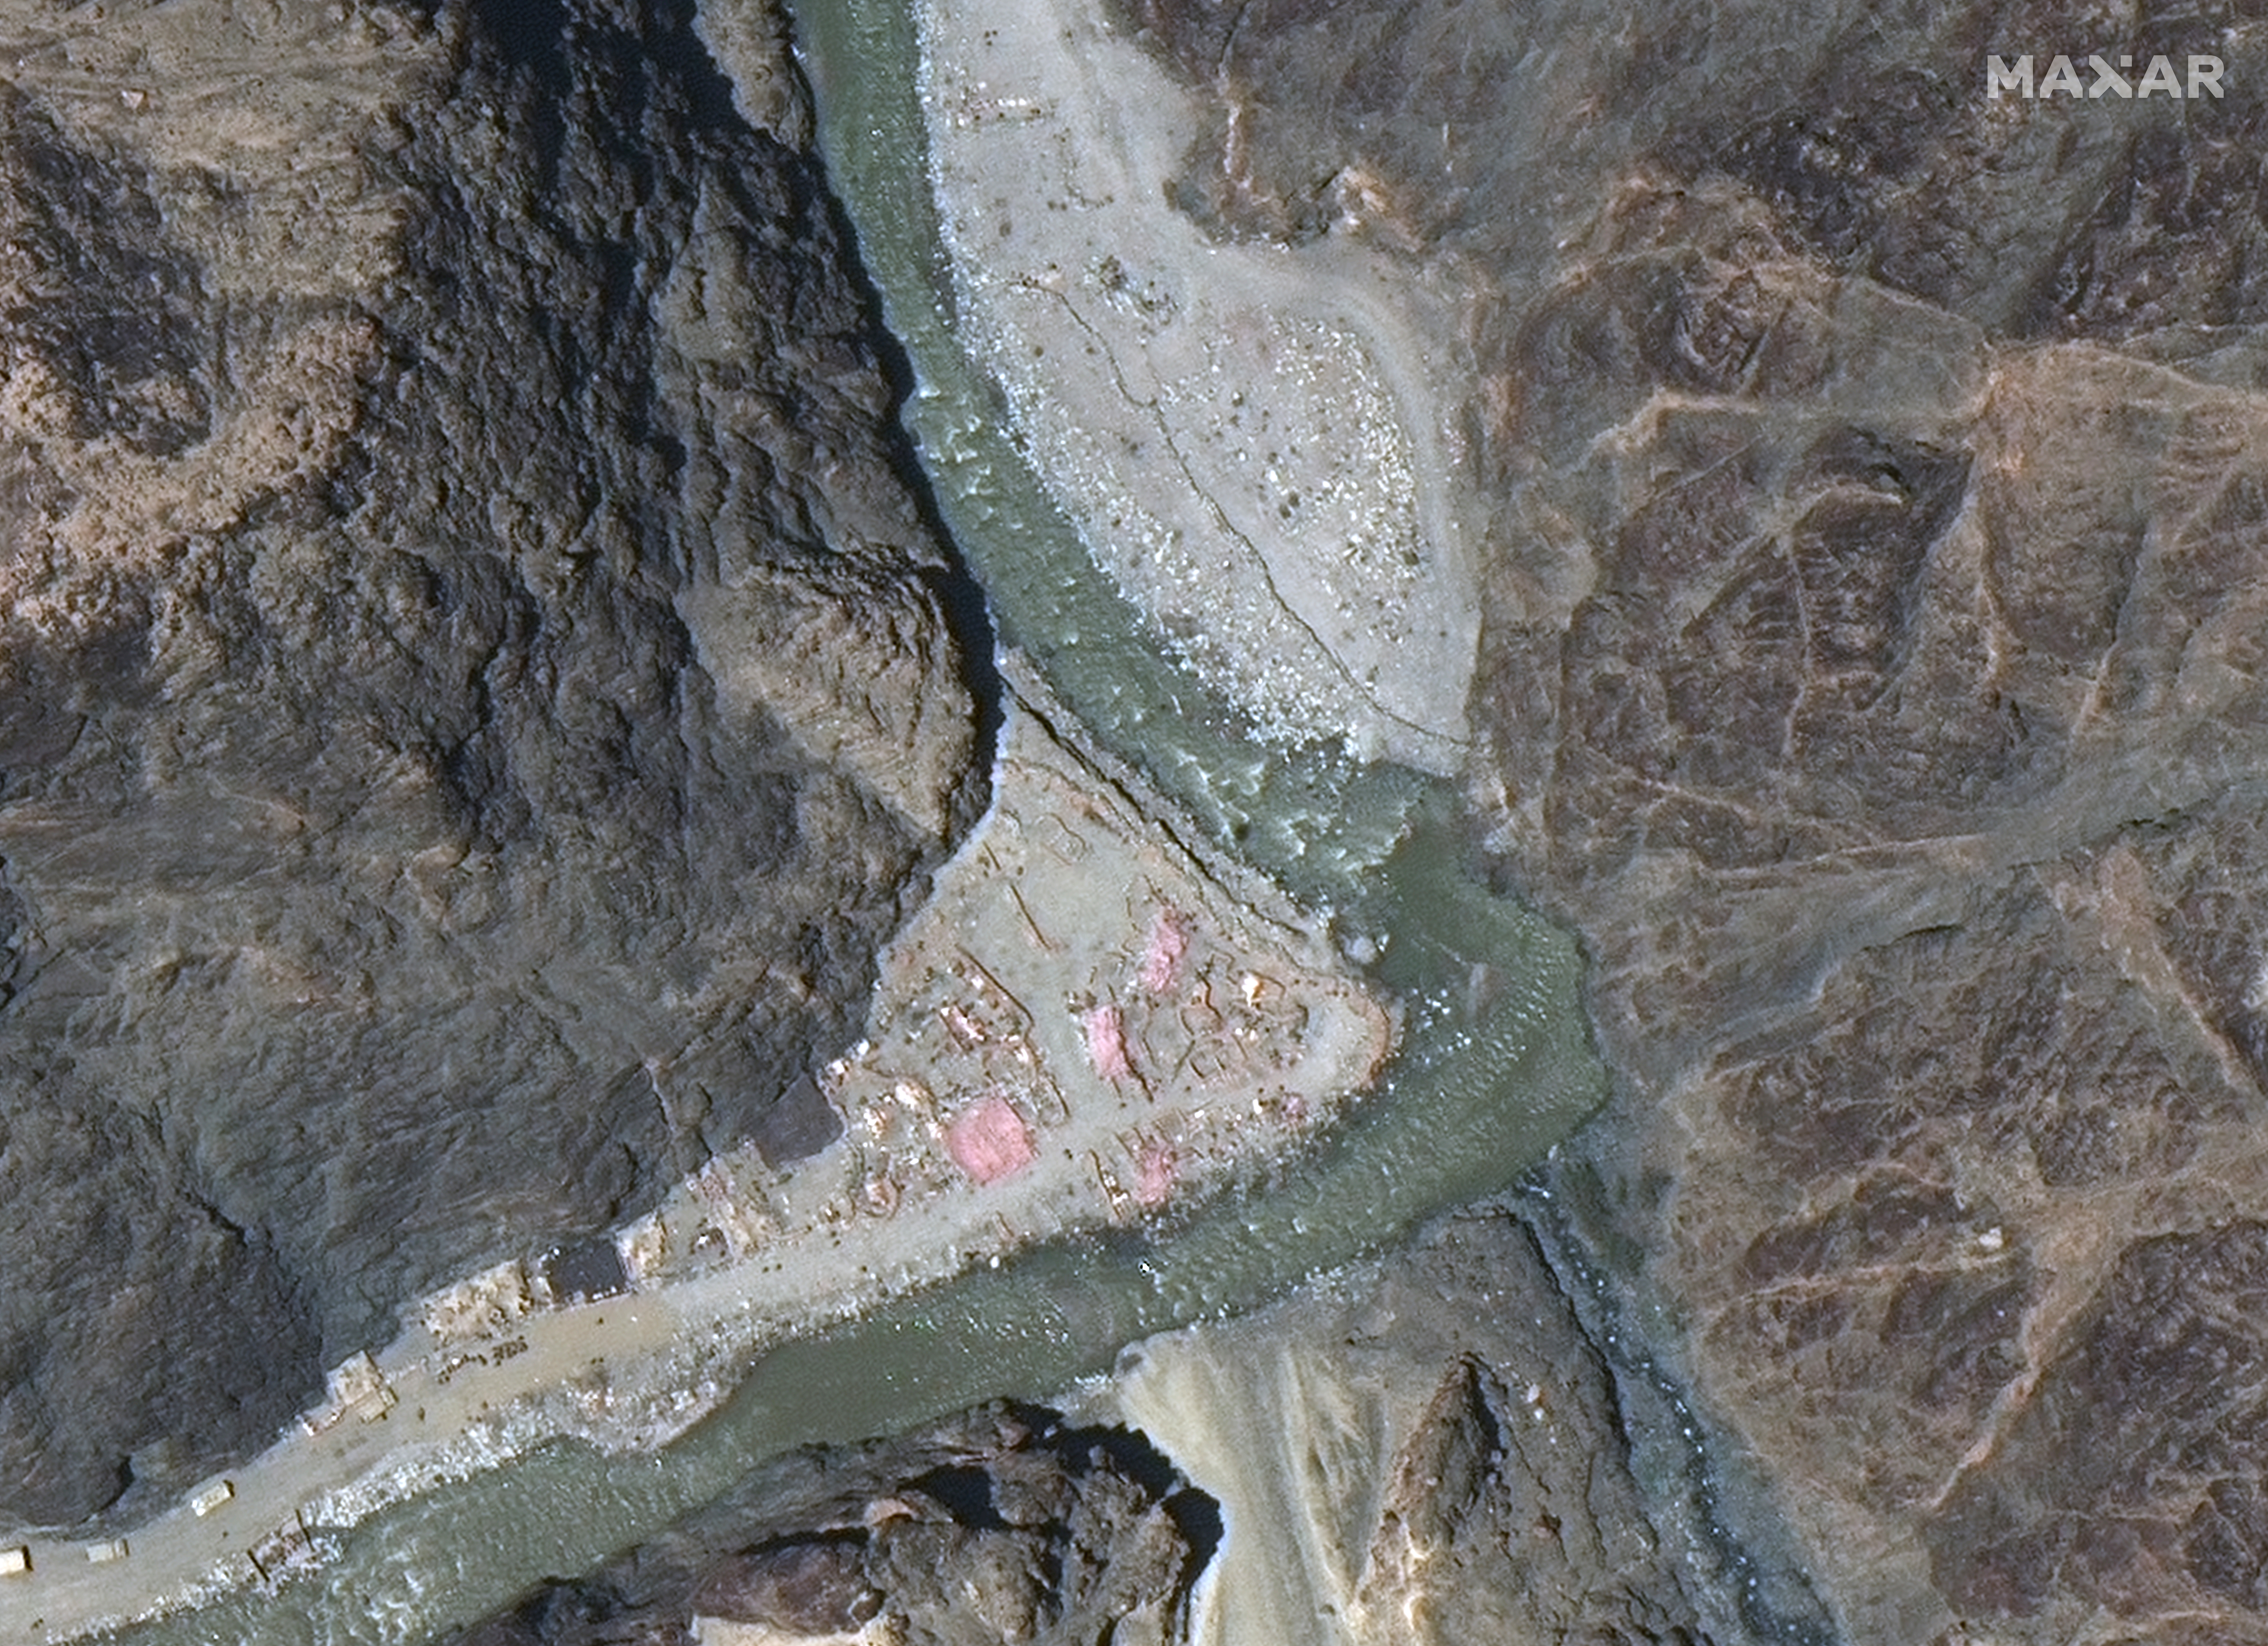 صور فضائية تظهر منشآت جديدة صينية قرب الحدود مع الهند